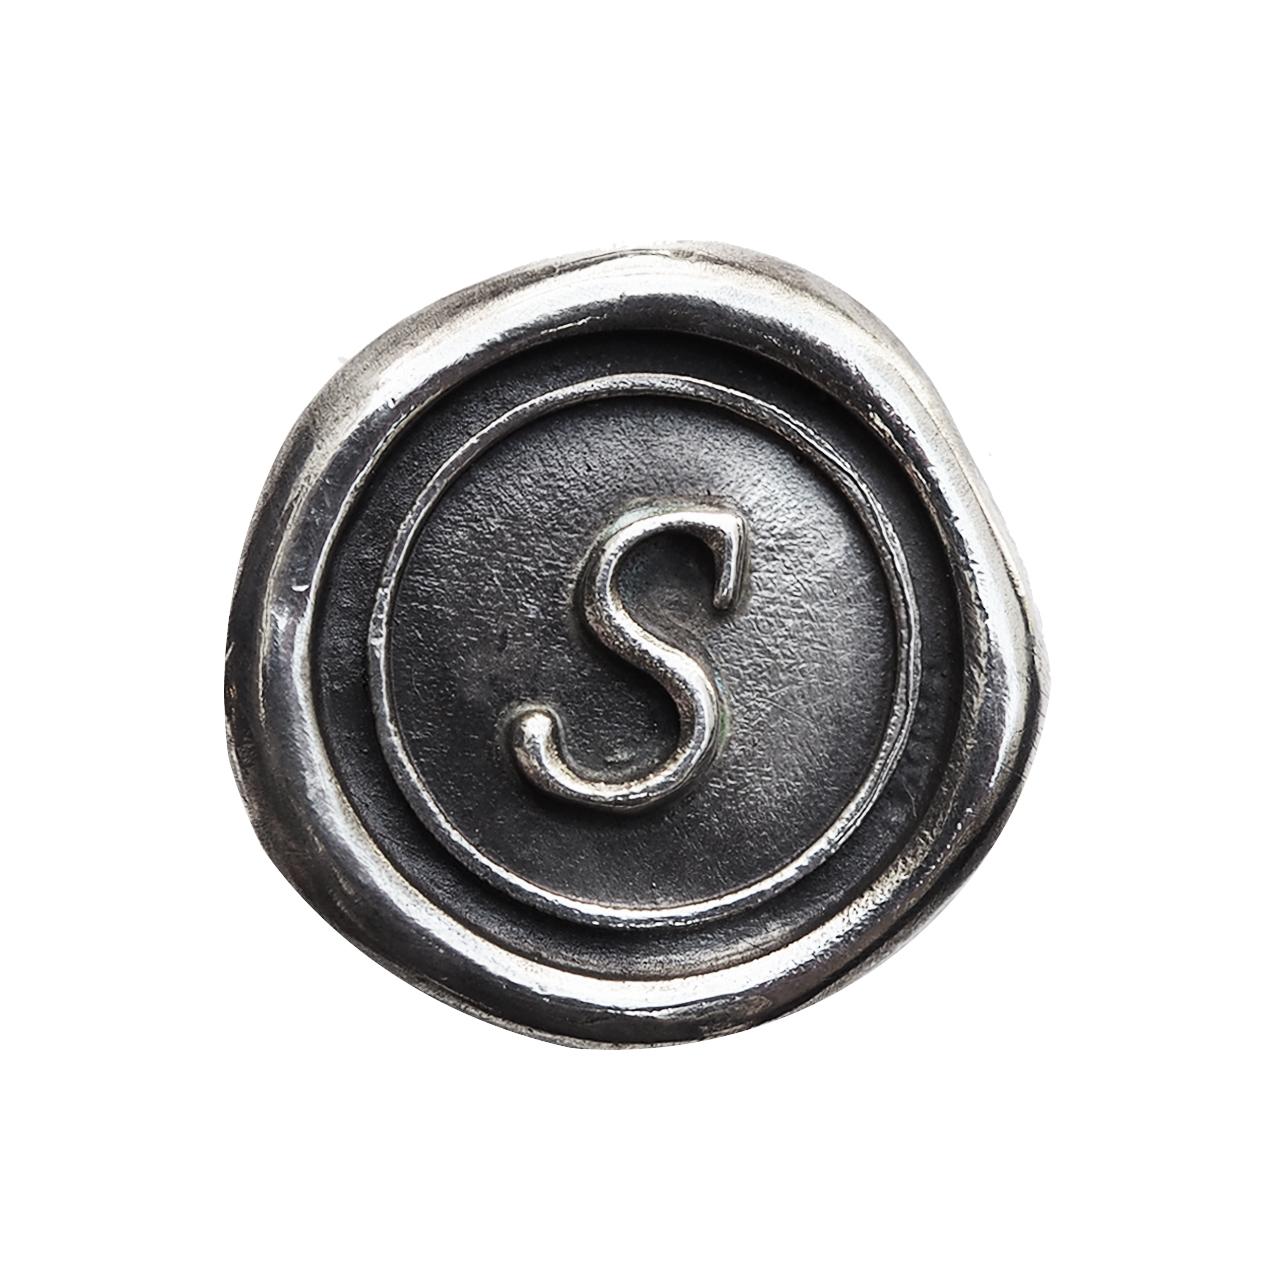 シーリングイニシャル S 〈S〉 シルバー / コンチョボタン